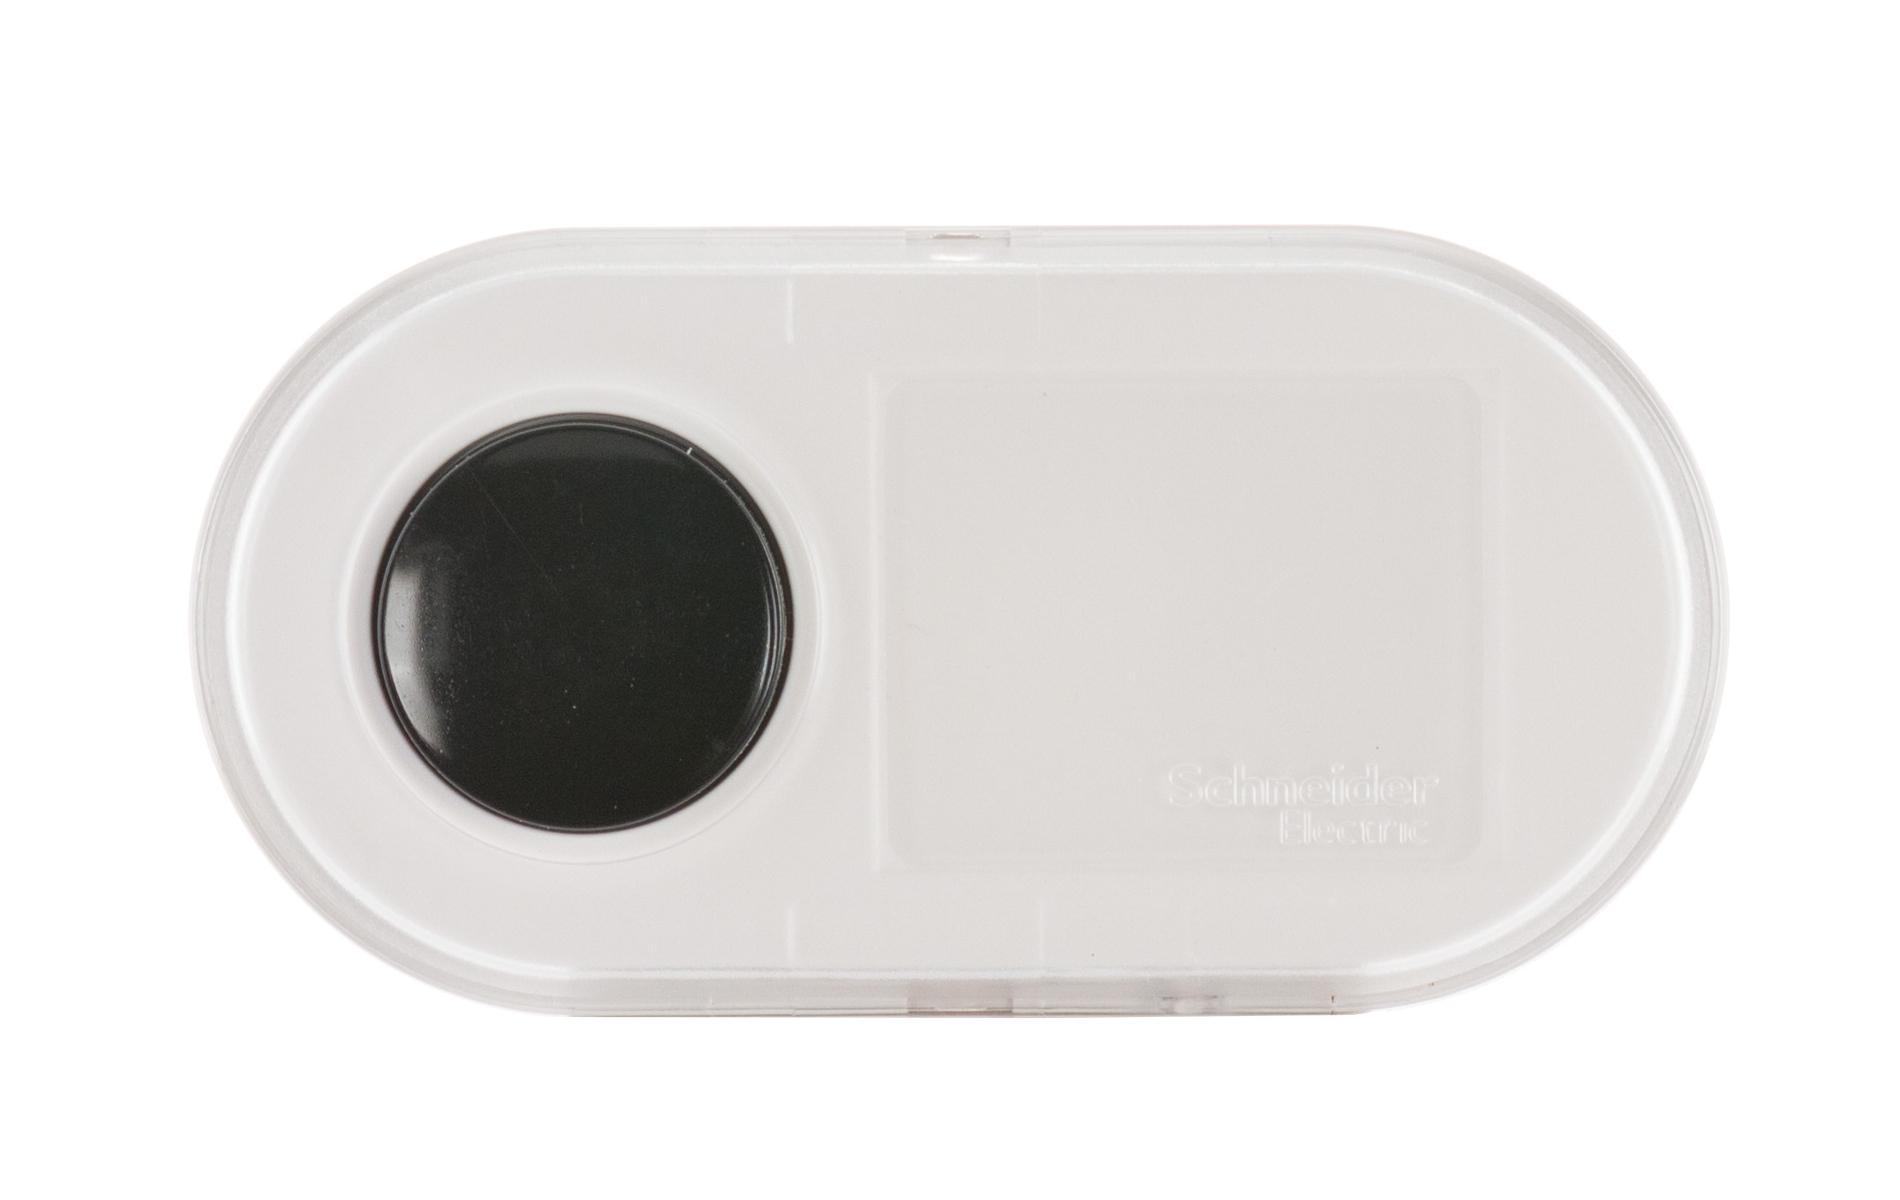 Купить Кнопка для звонка Schneider electric Blnka000011